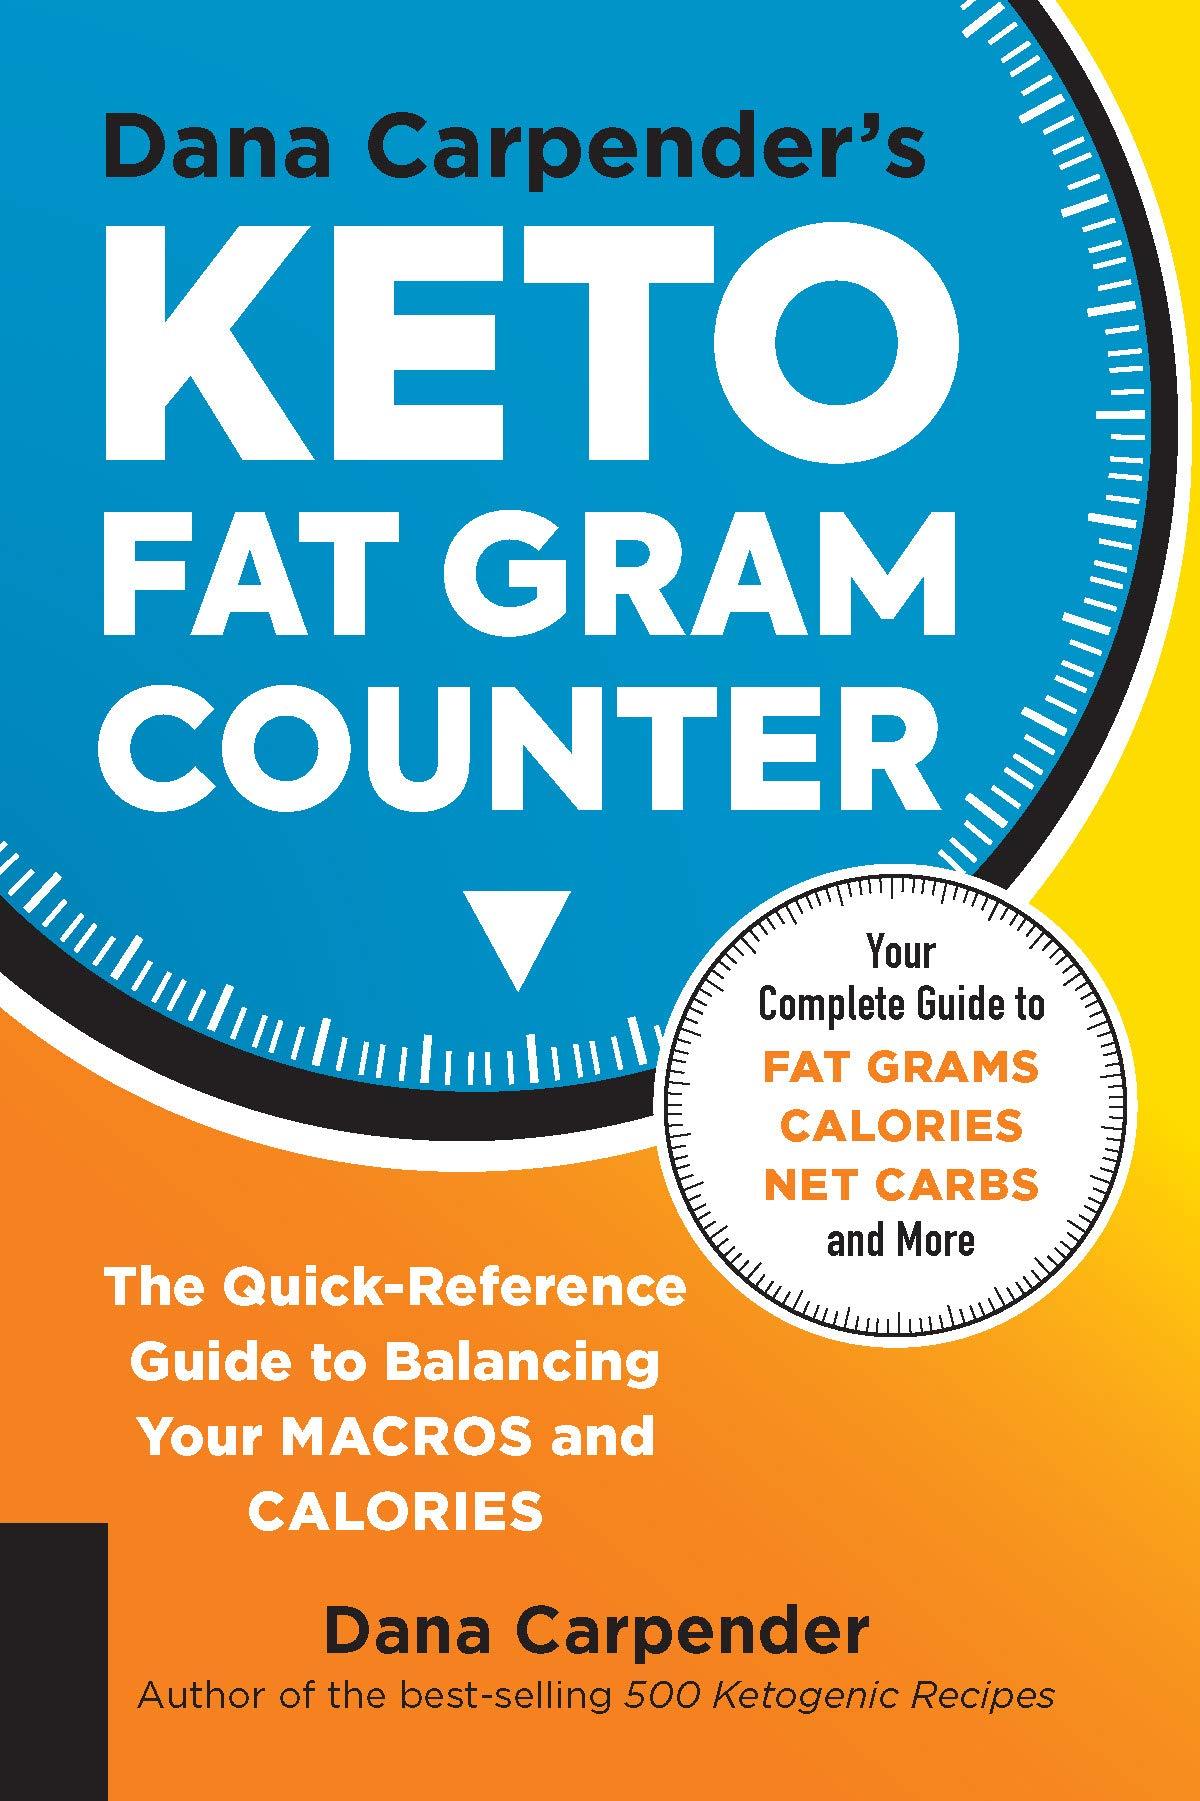 Dana Carpender's Keto Fat Gram Counter: The